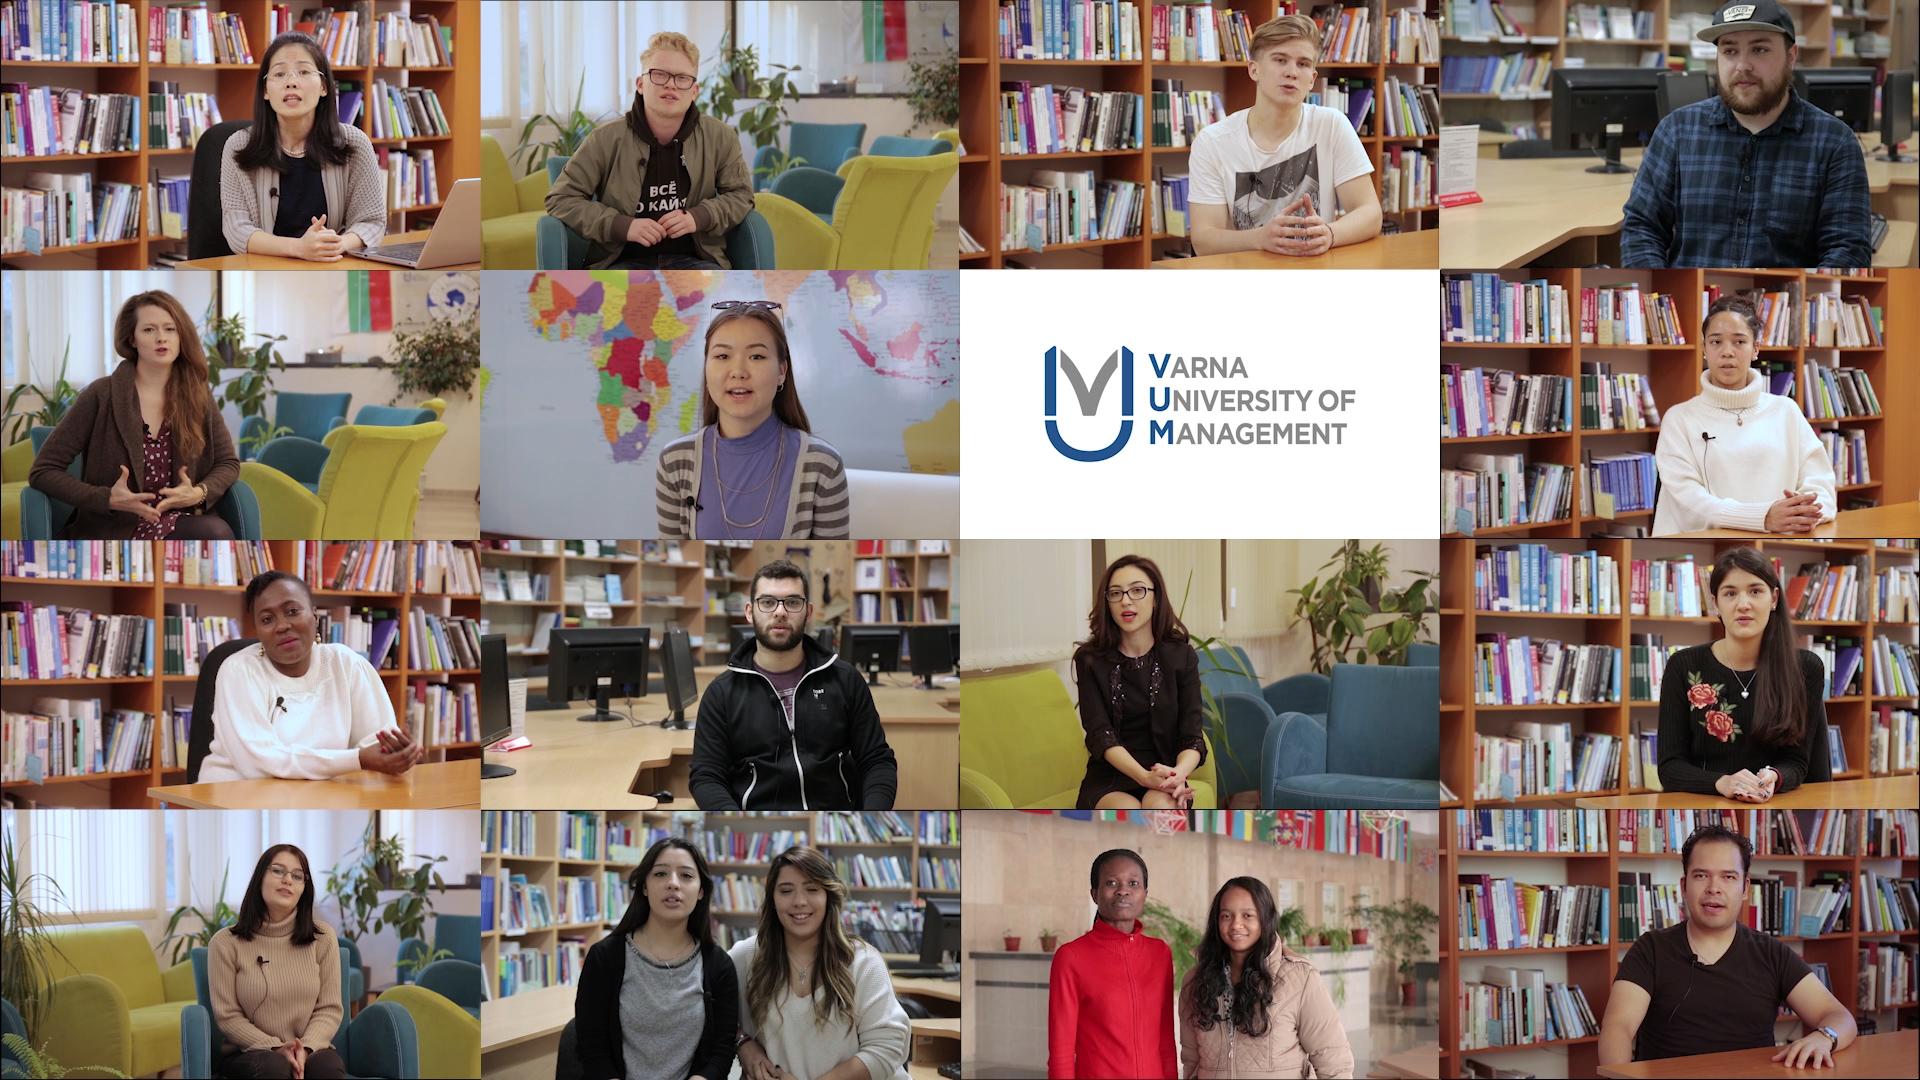 Рекламен видео клип за ВУМ